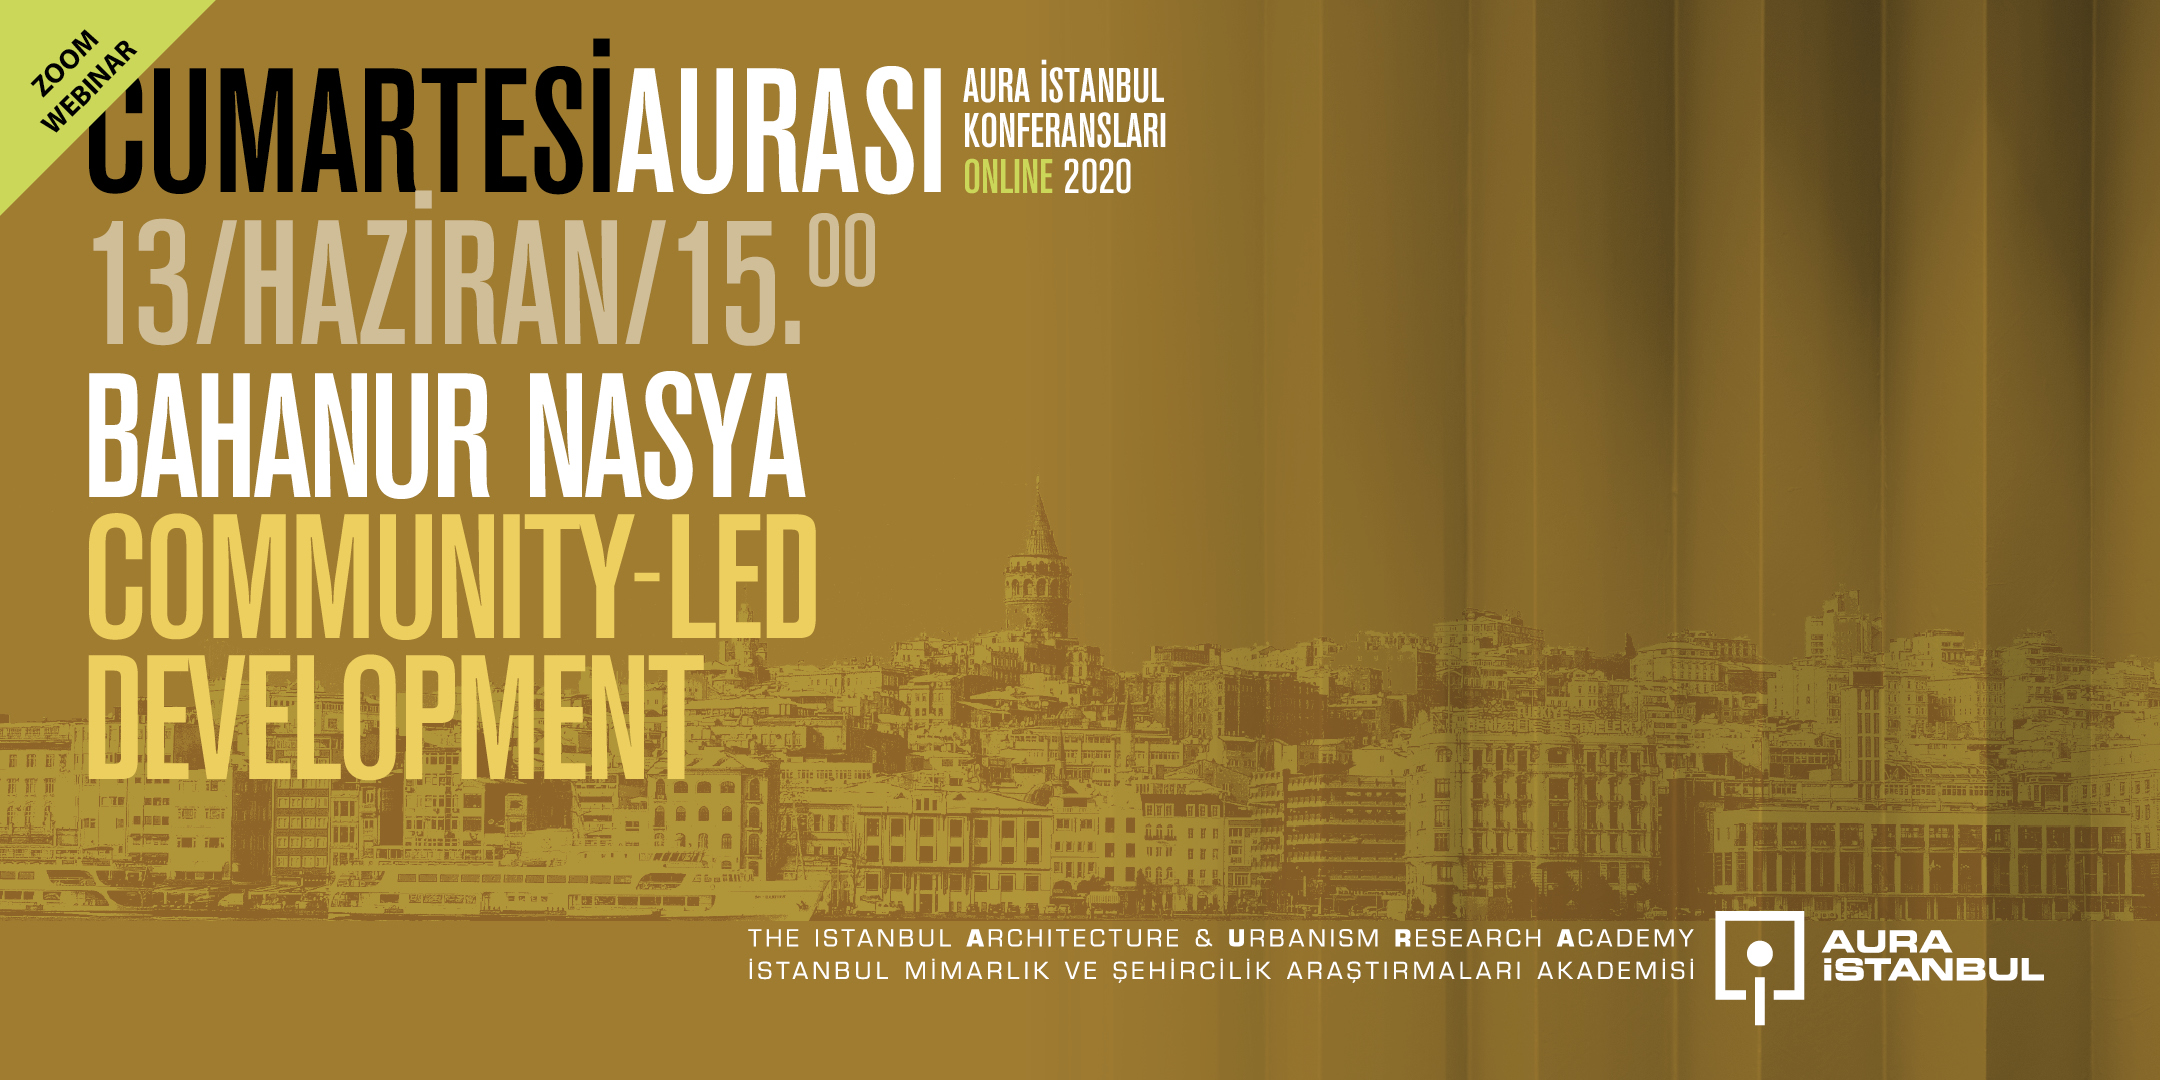 """Cumartesi Aurası: Bahanur Nasya """"Communıty-led Development"""""""